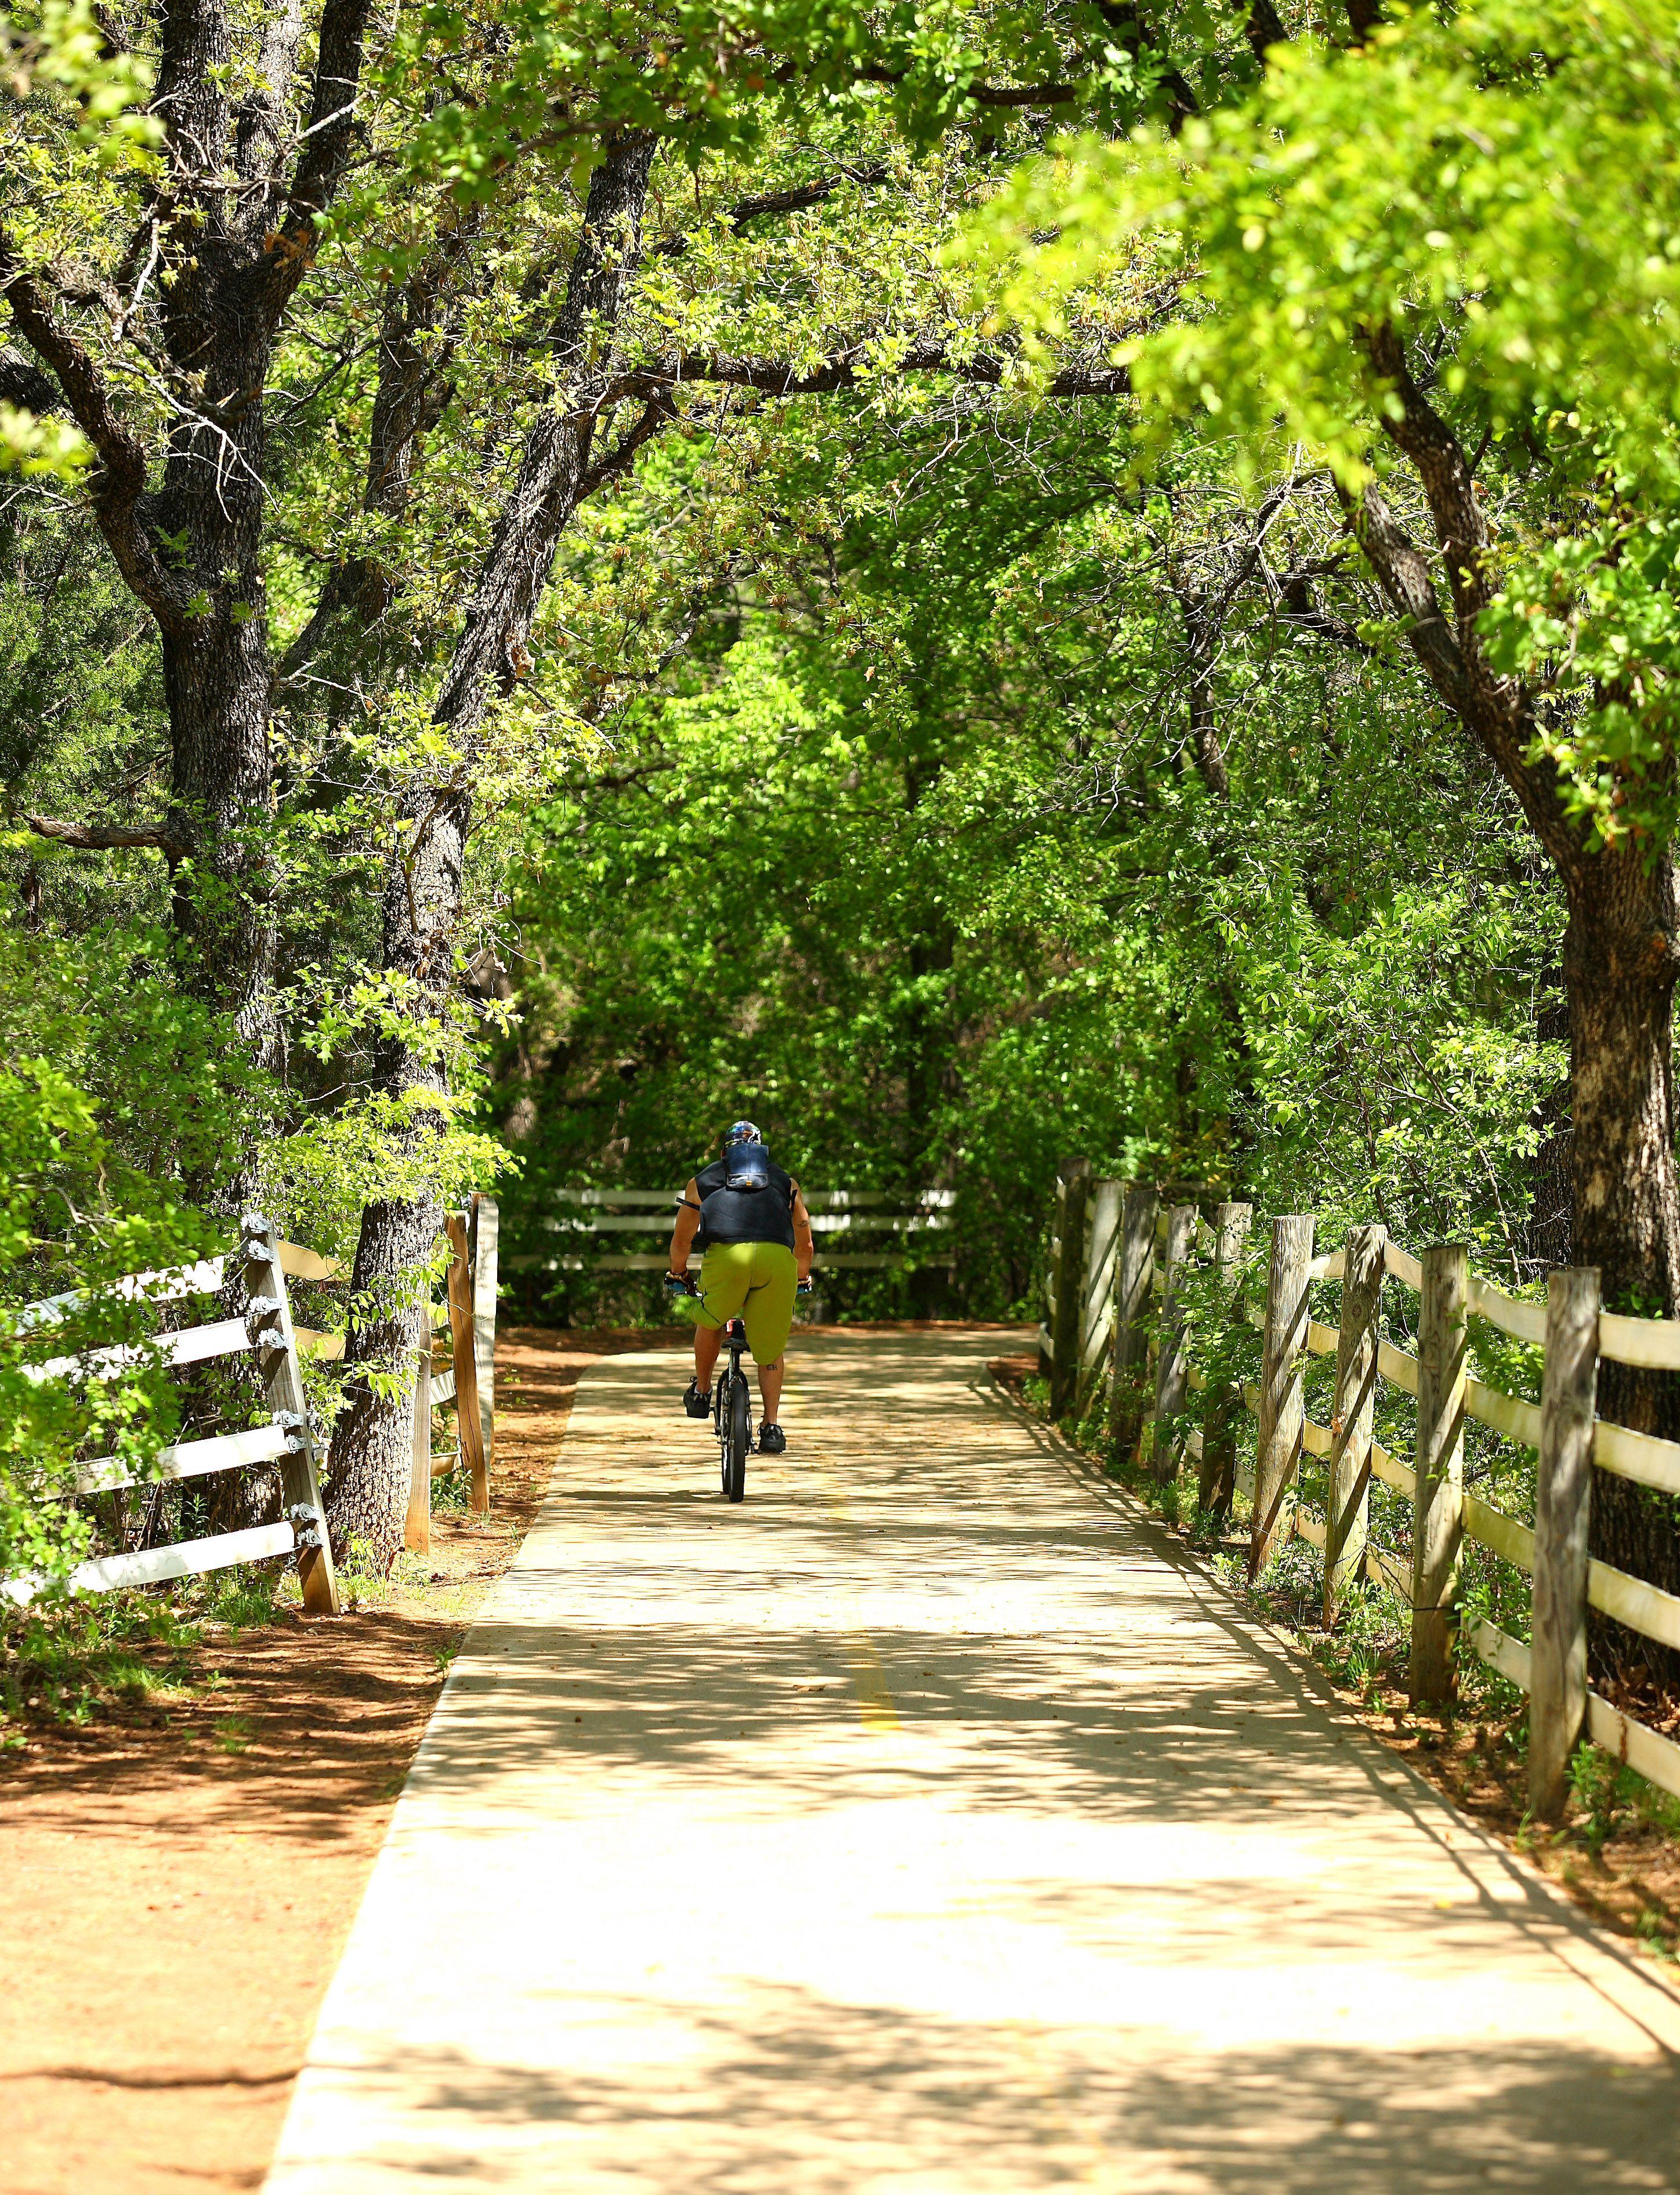 The Big Bear Creek Greenbelt hike and bike trail in Keller Texas